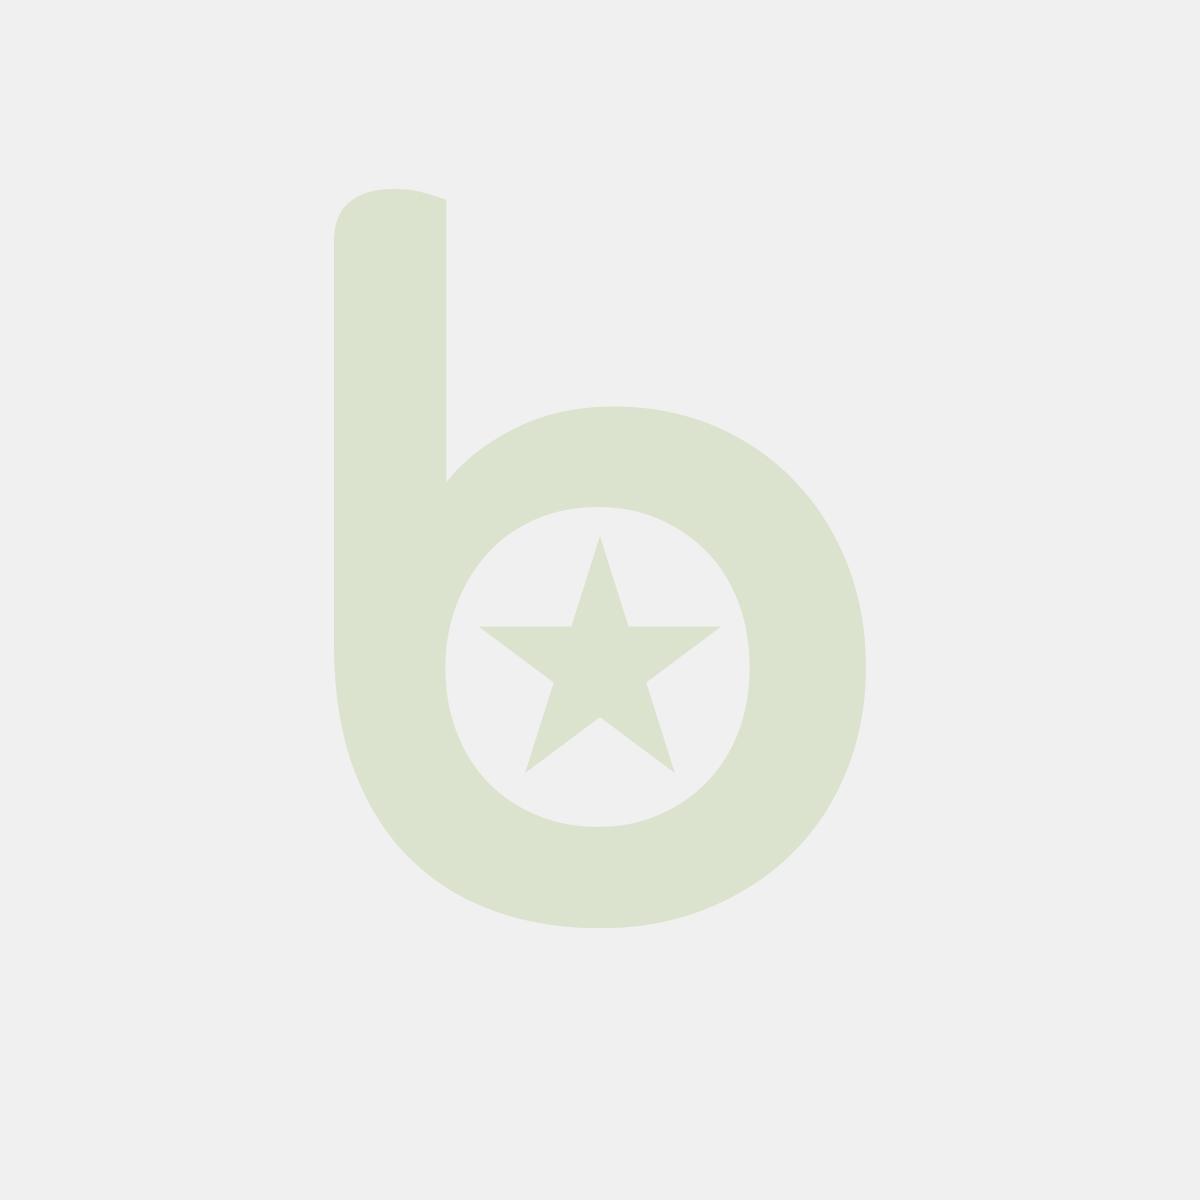 Akacja - stand bufetowy zestaw 3 szt. 30x30x10; 45x30x15; 60x30x20